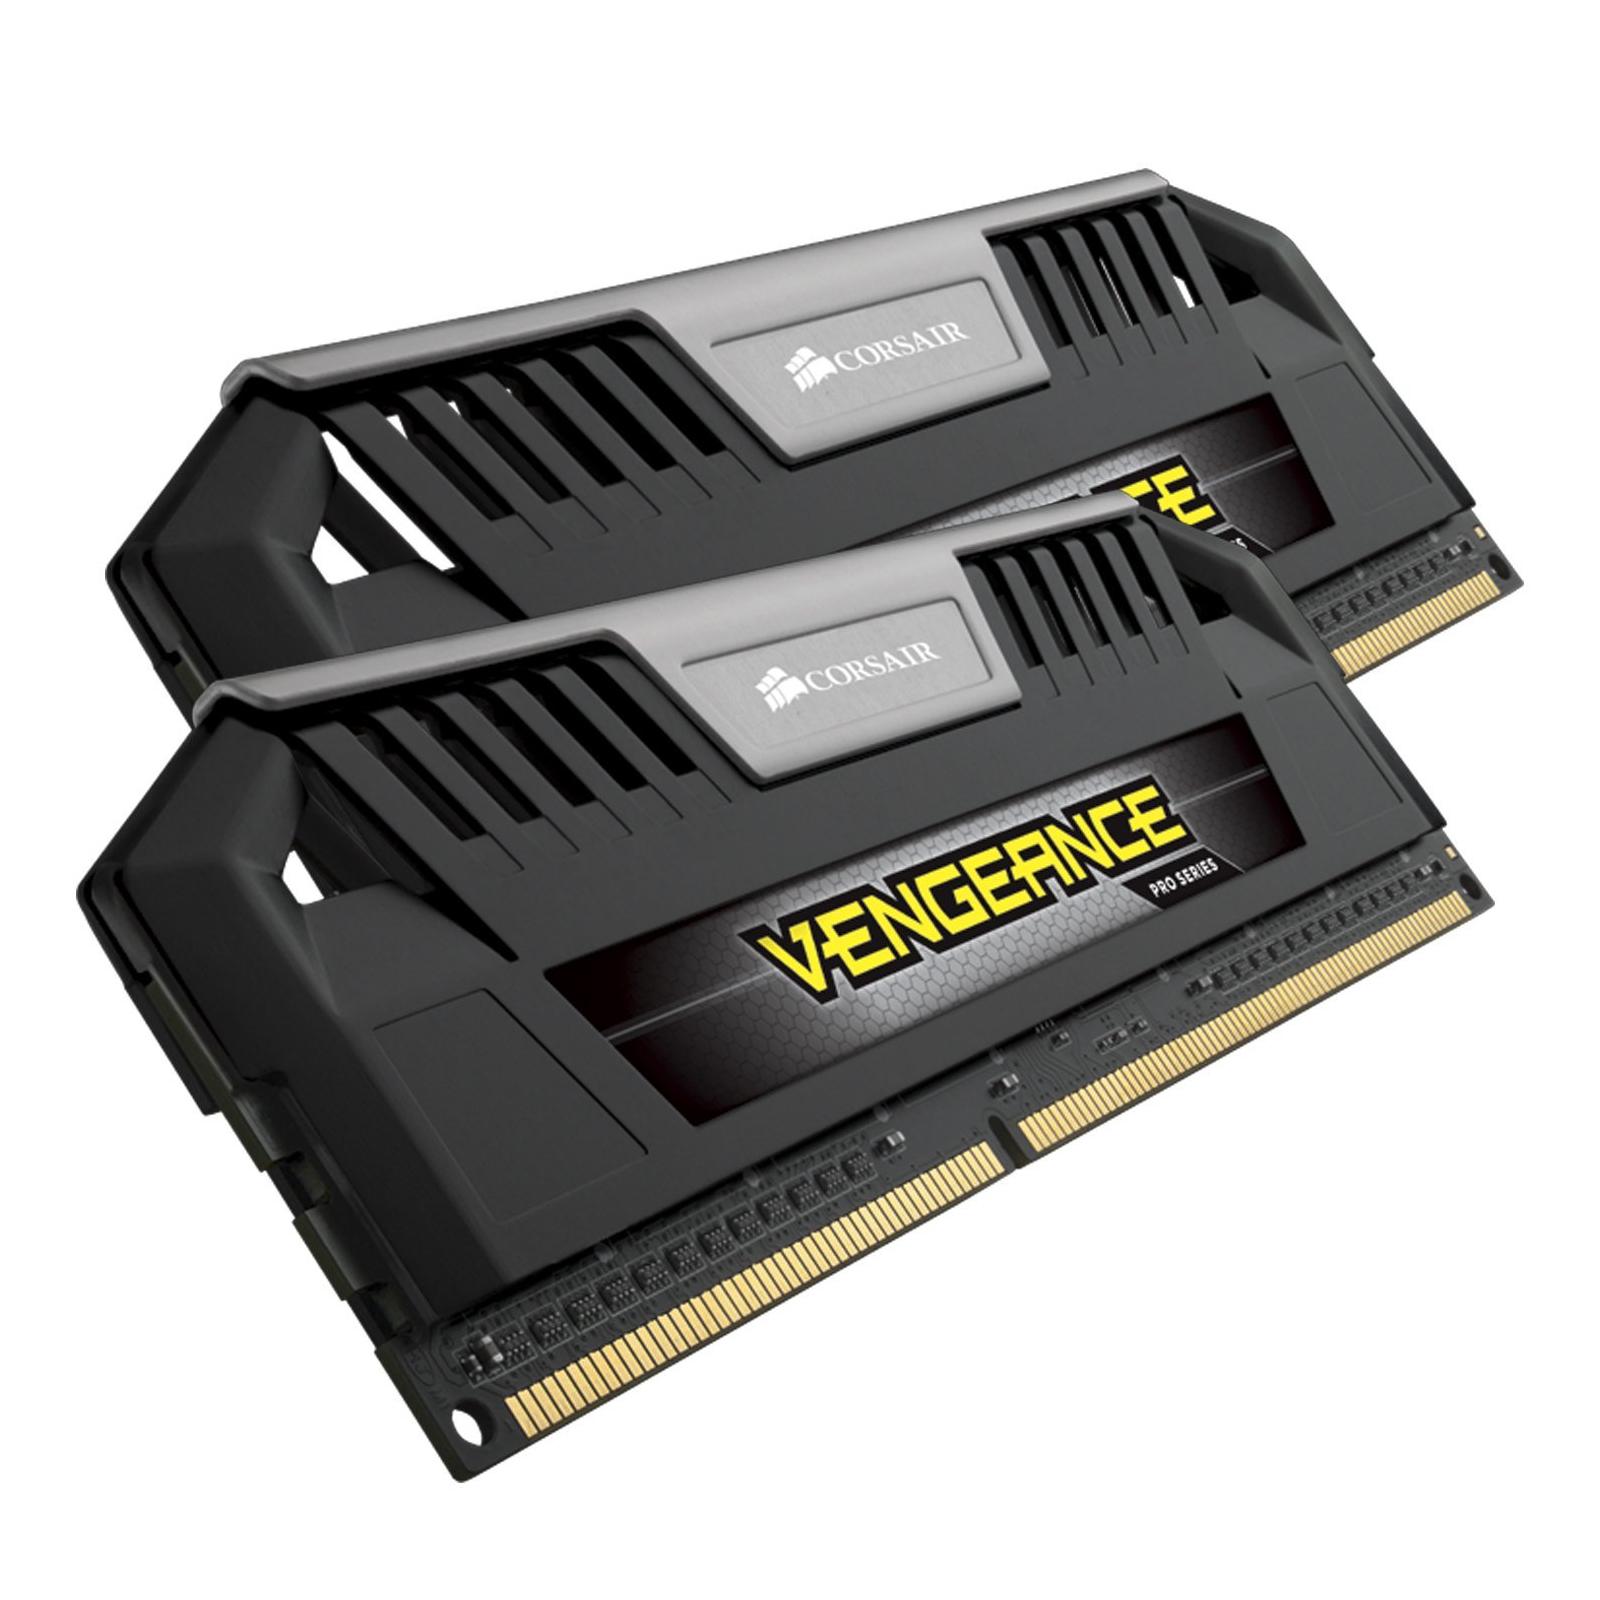 Модуль памяти для компьютера DDR3 16GB (2x8GB) 1600 MHz CORSAIR (CMY16GX3M2A1600C9) изображение 4